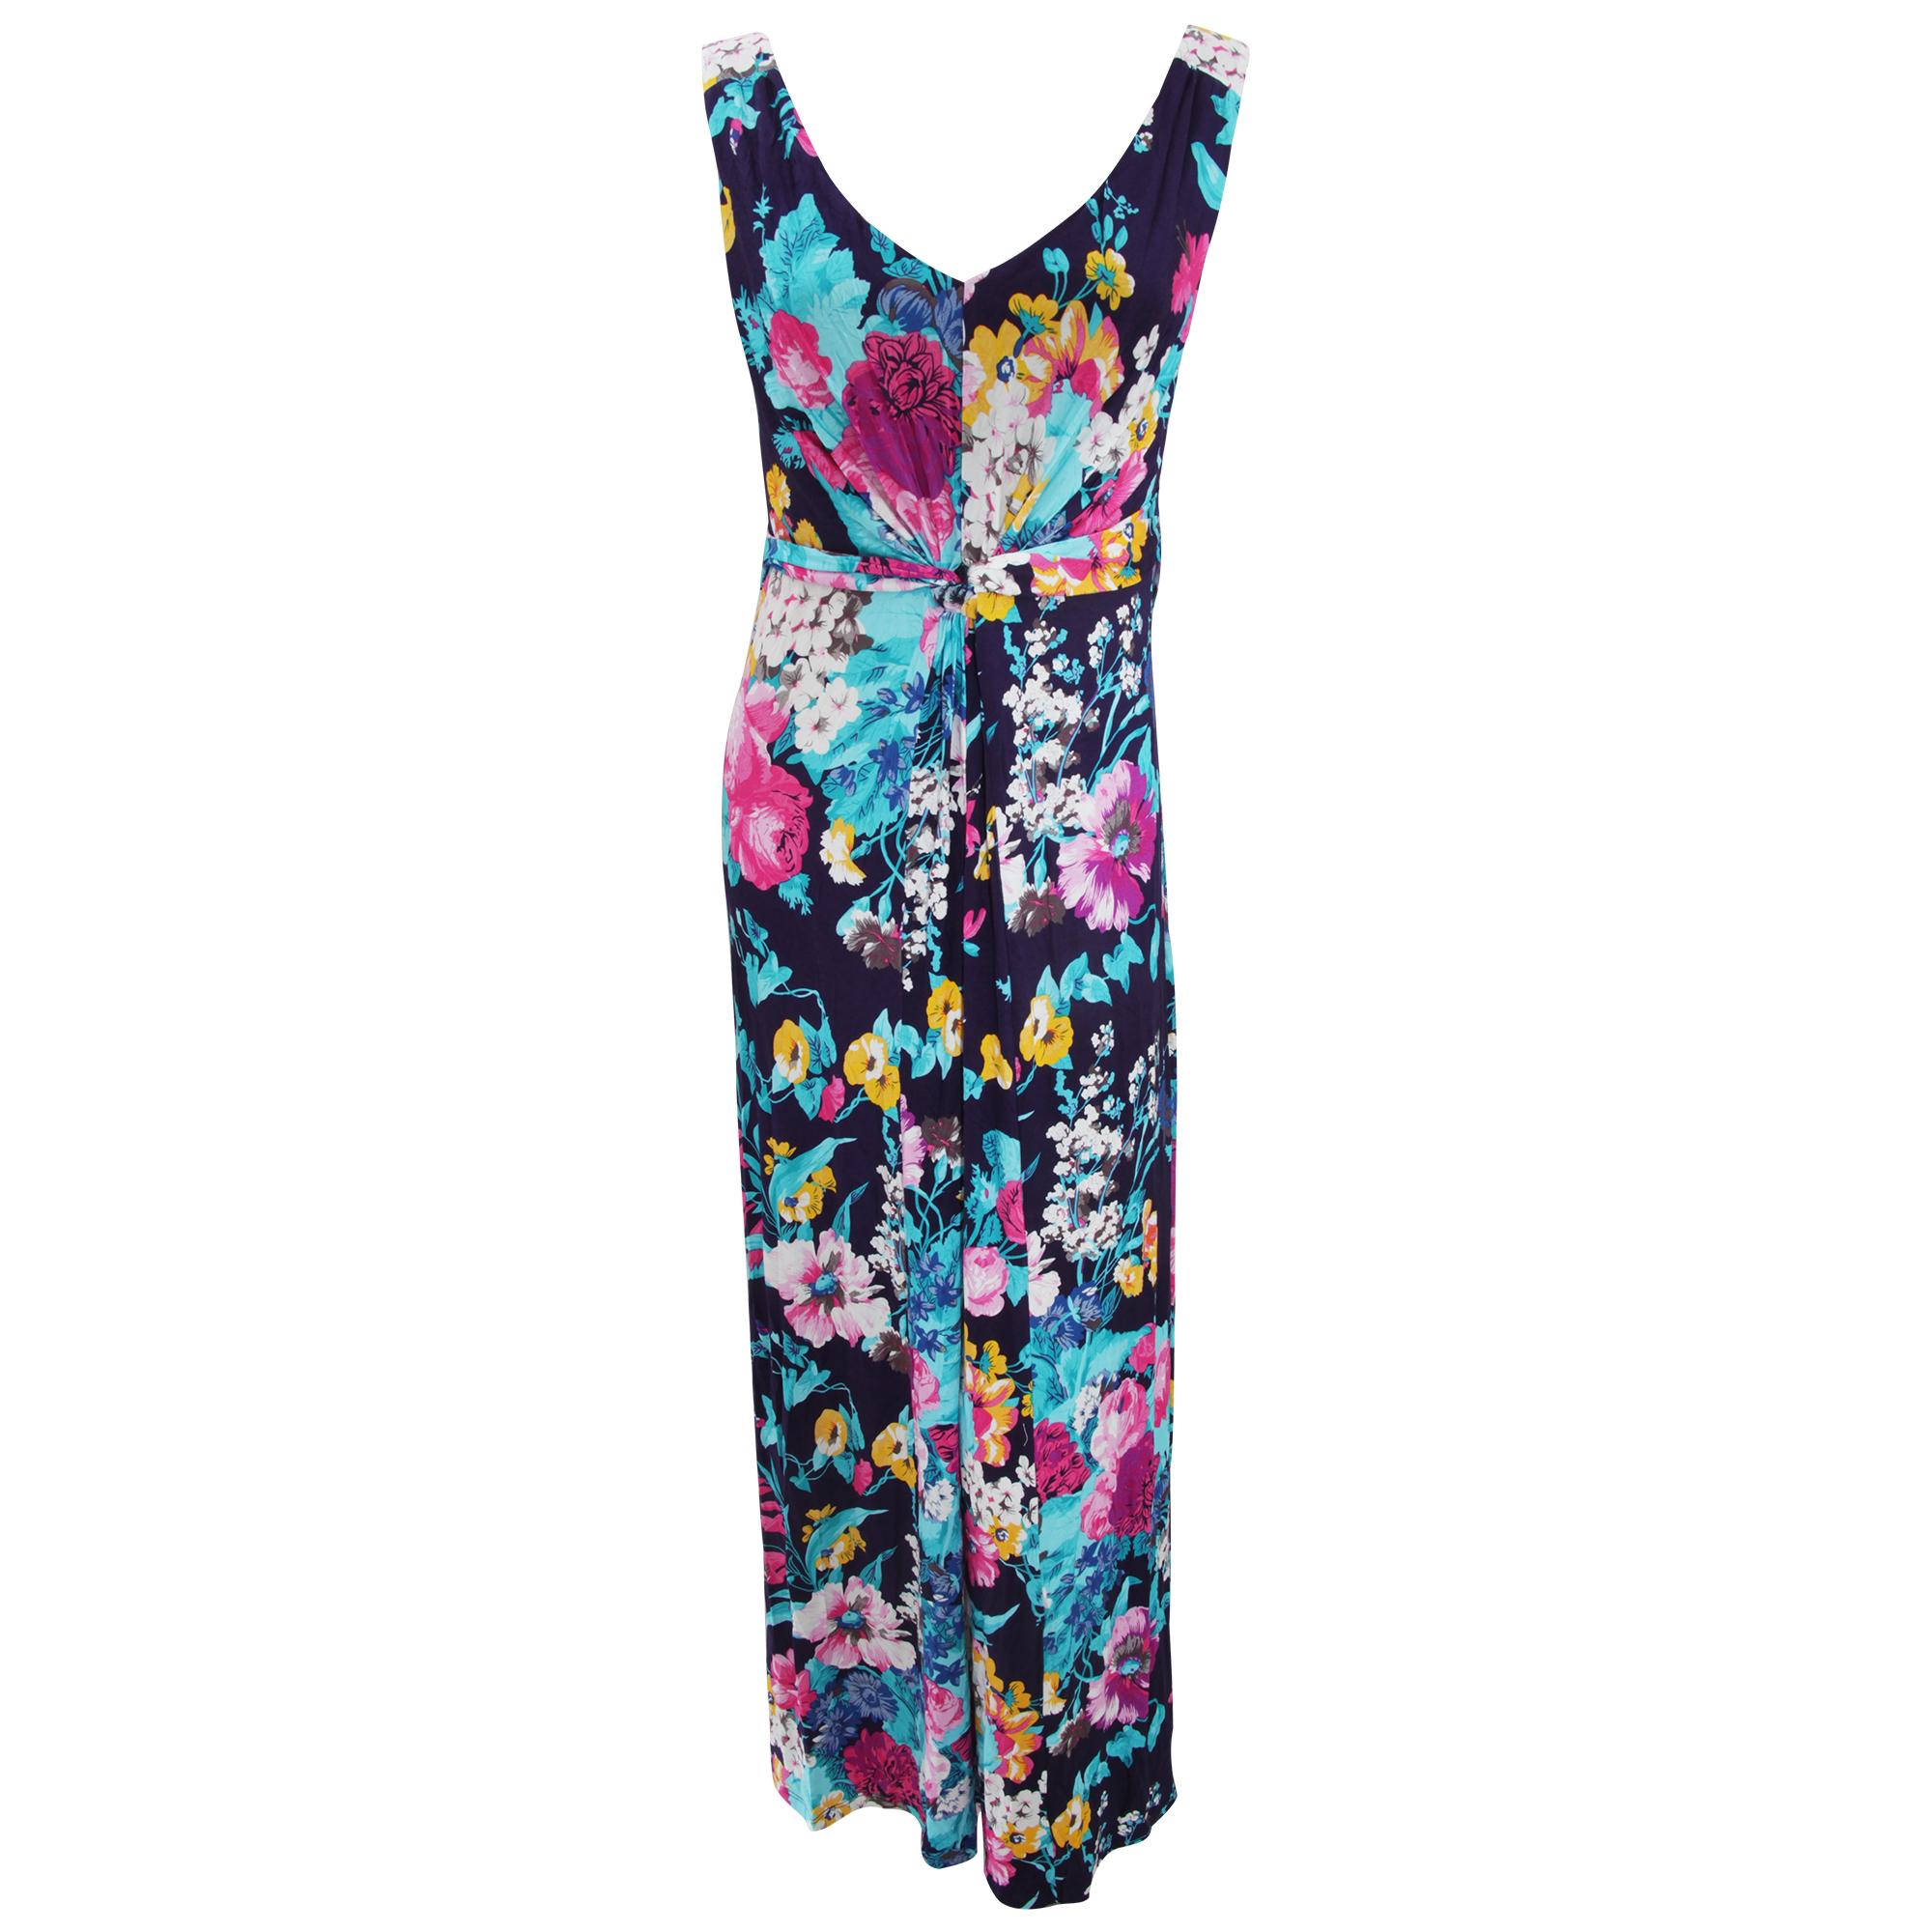 Vestido-maxi-de-tirantes-para-verano-con-estampado-flora-para-mujer